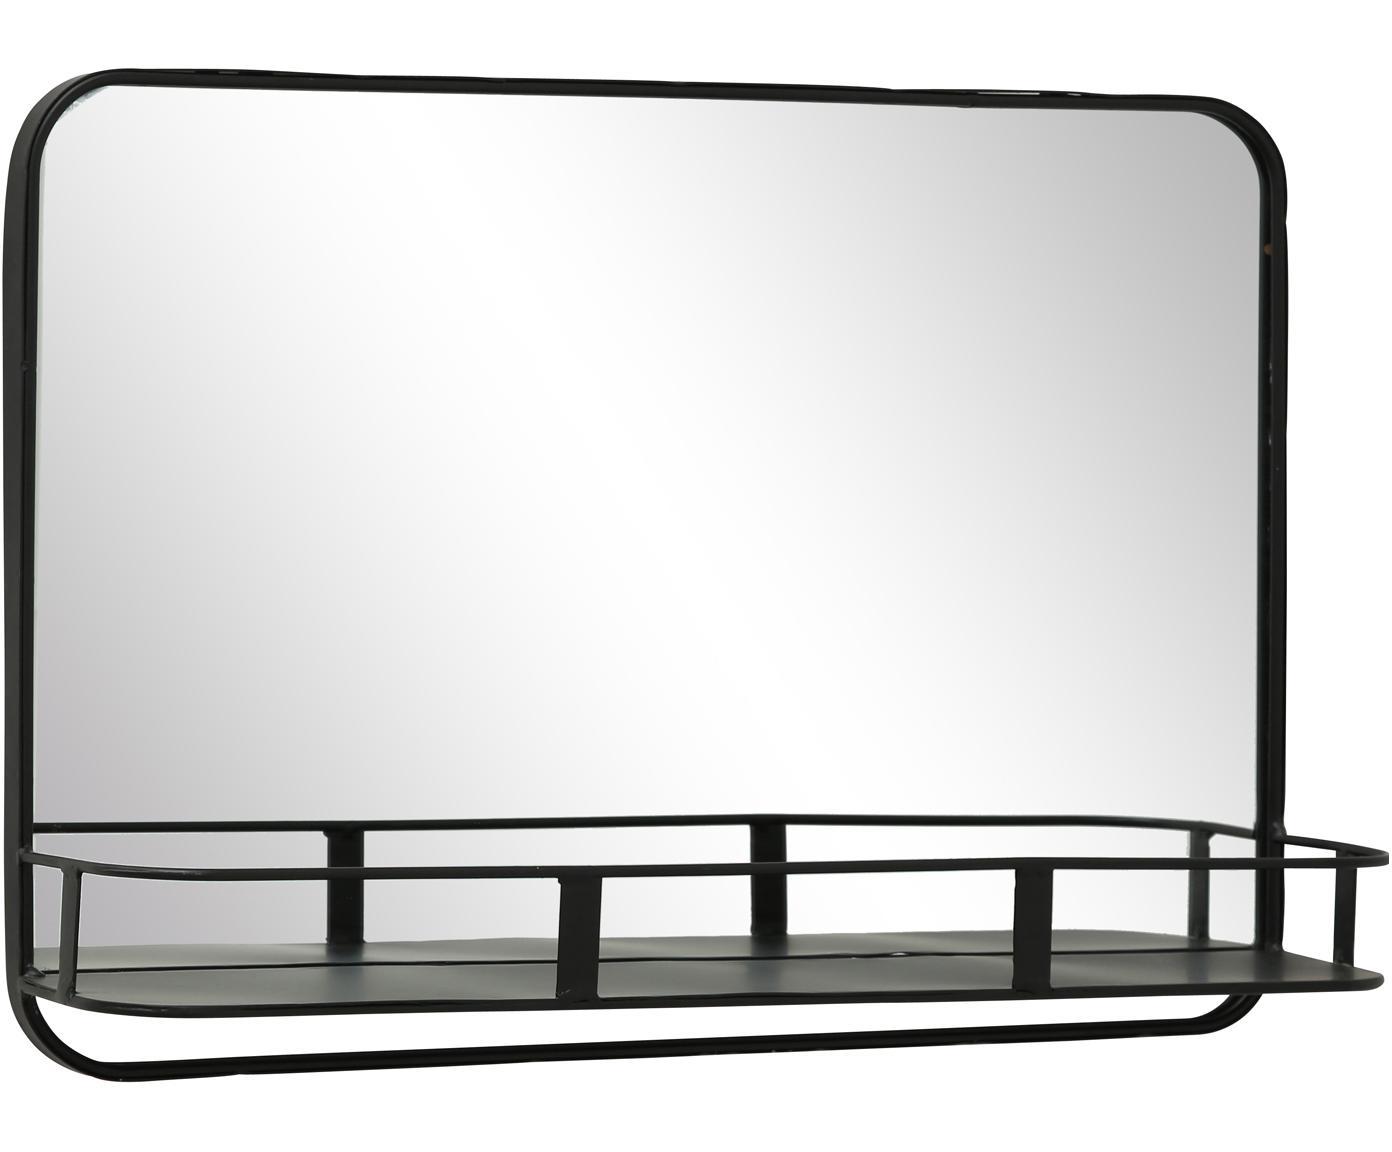 Eckiger Wandspiegel Meno mit Metallrahmen, Metall, Spiegelglas, Schwarz, 50 x 35 cm